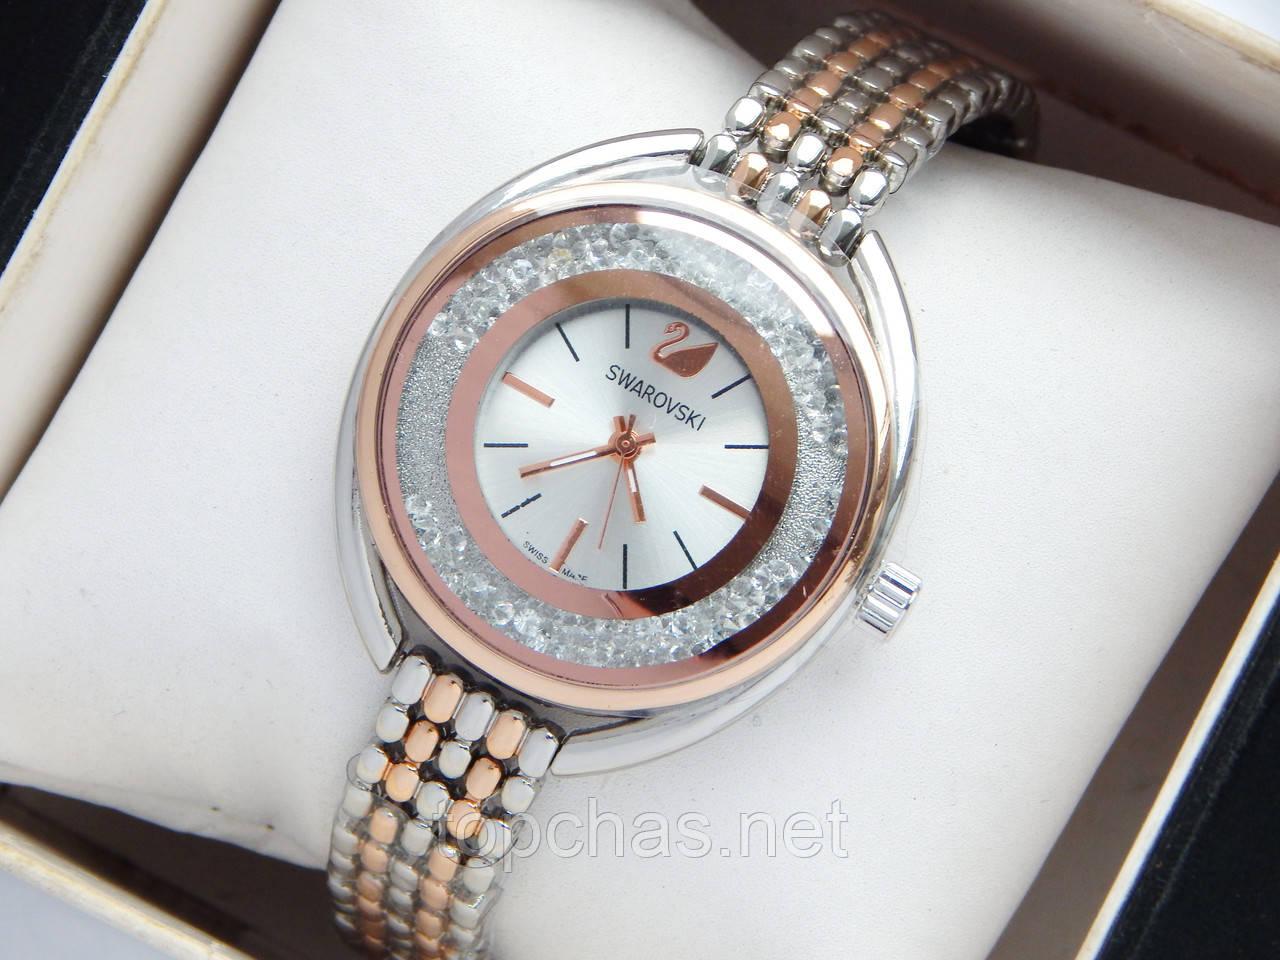 69e8eee5 Женские наручные часы Swarovski CRYSTALLINE OVAL, комбинированные - Top  Chas - Интернет магазин Вашего стиля